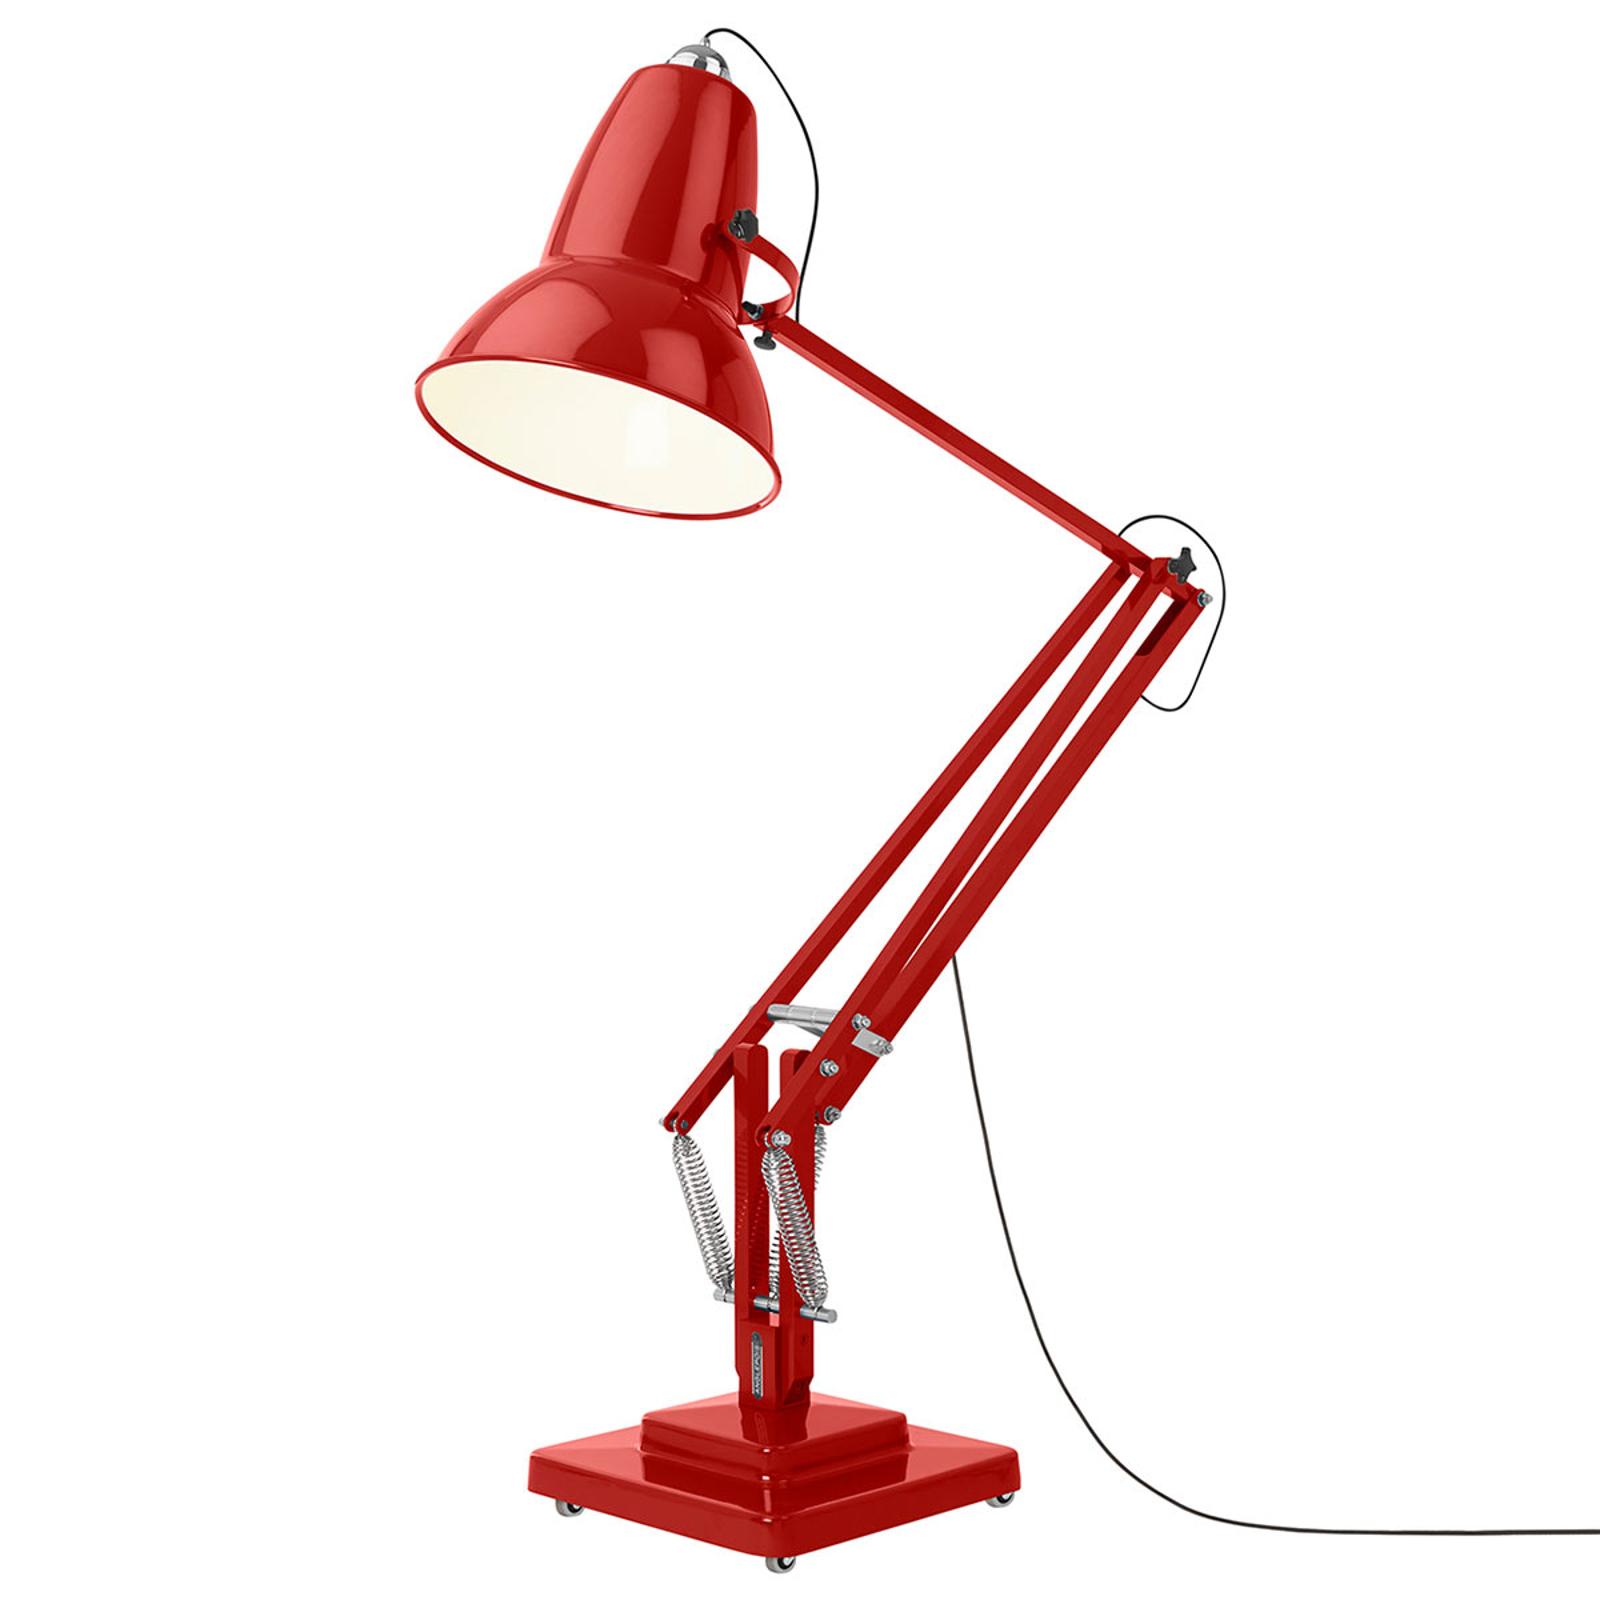 Acquista Anglepoise Original 1227 Giant lampada da terra